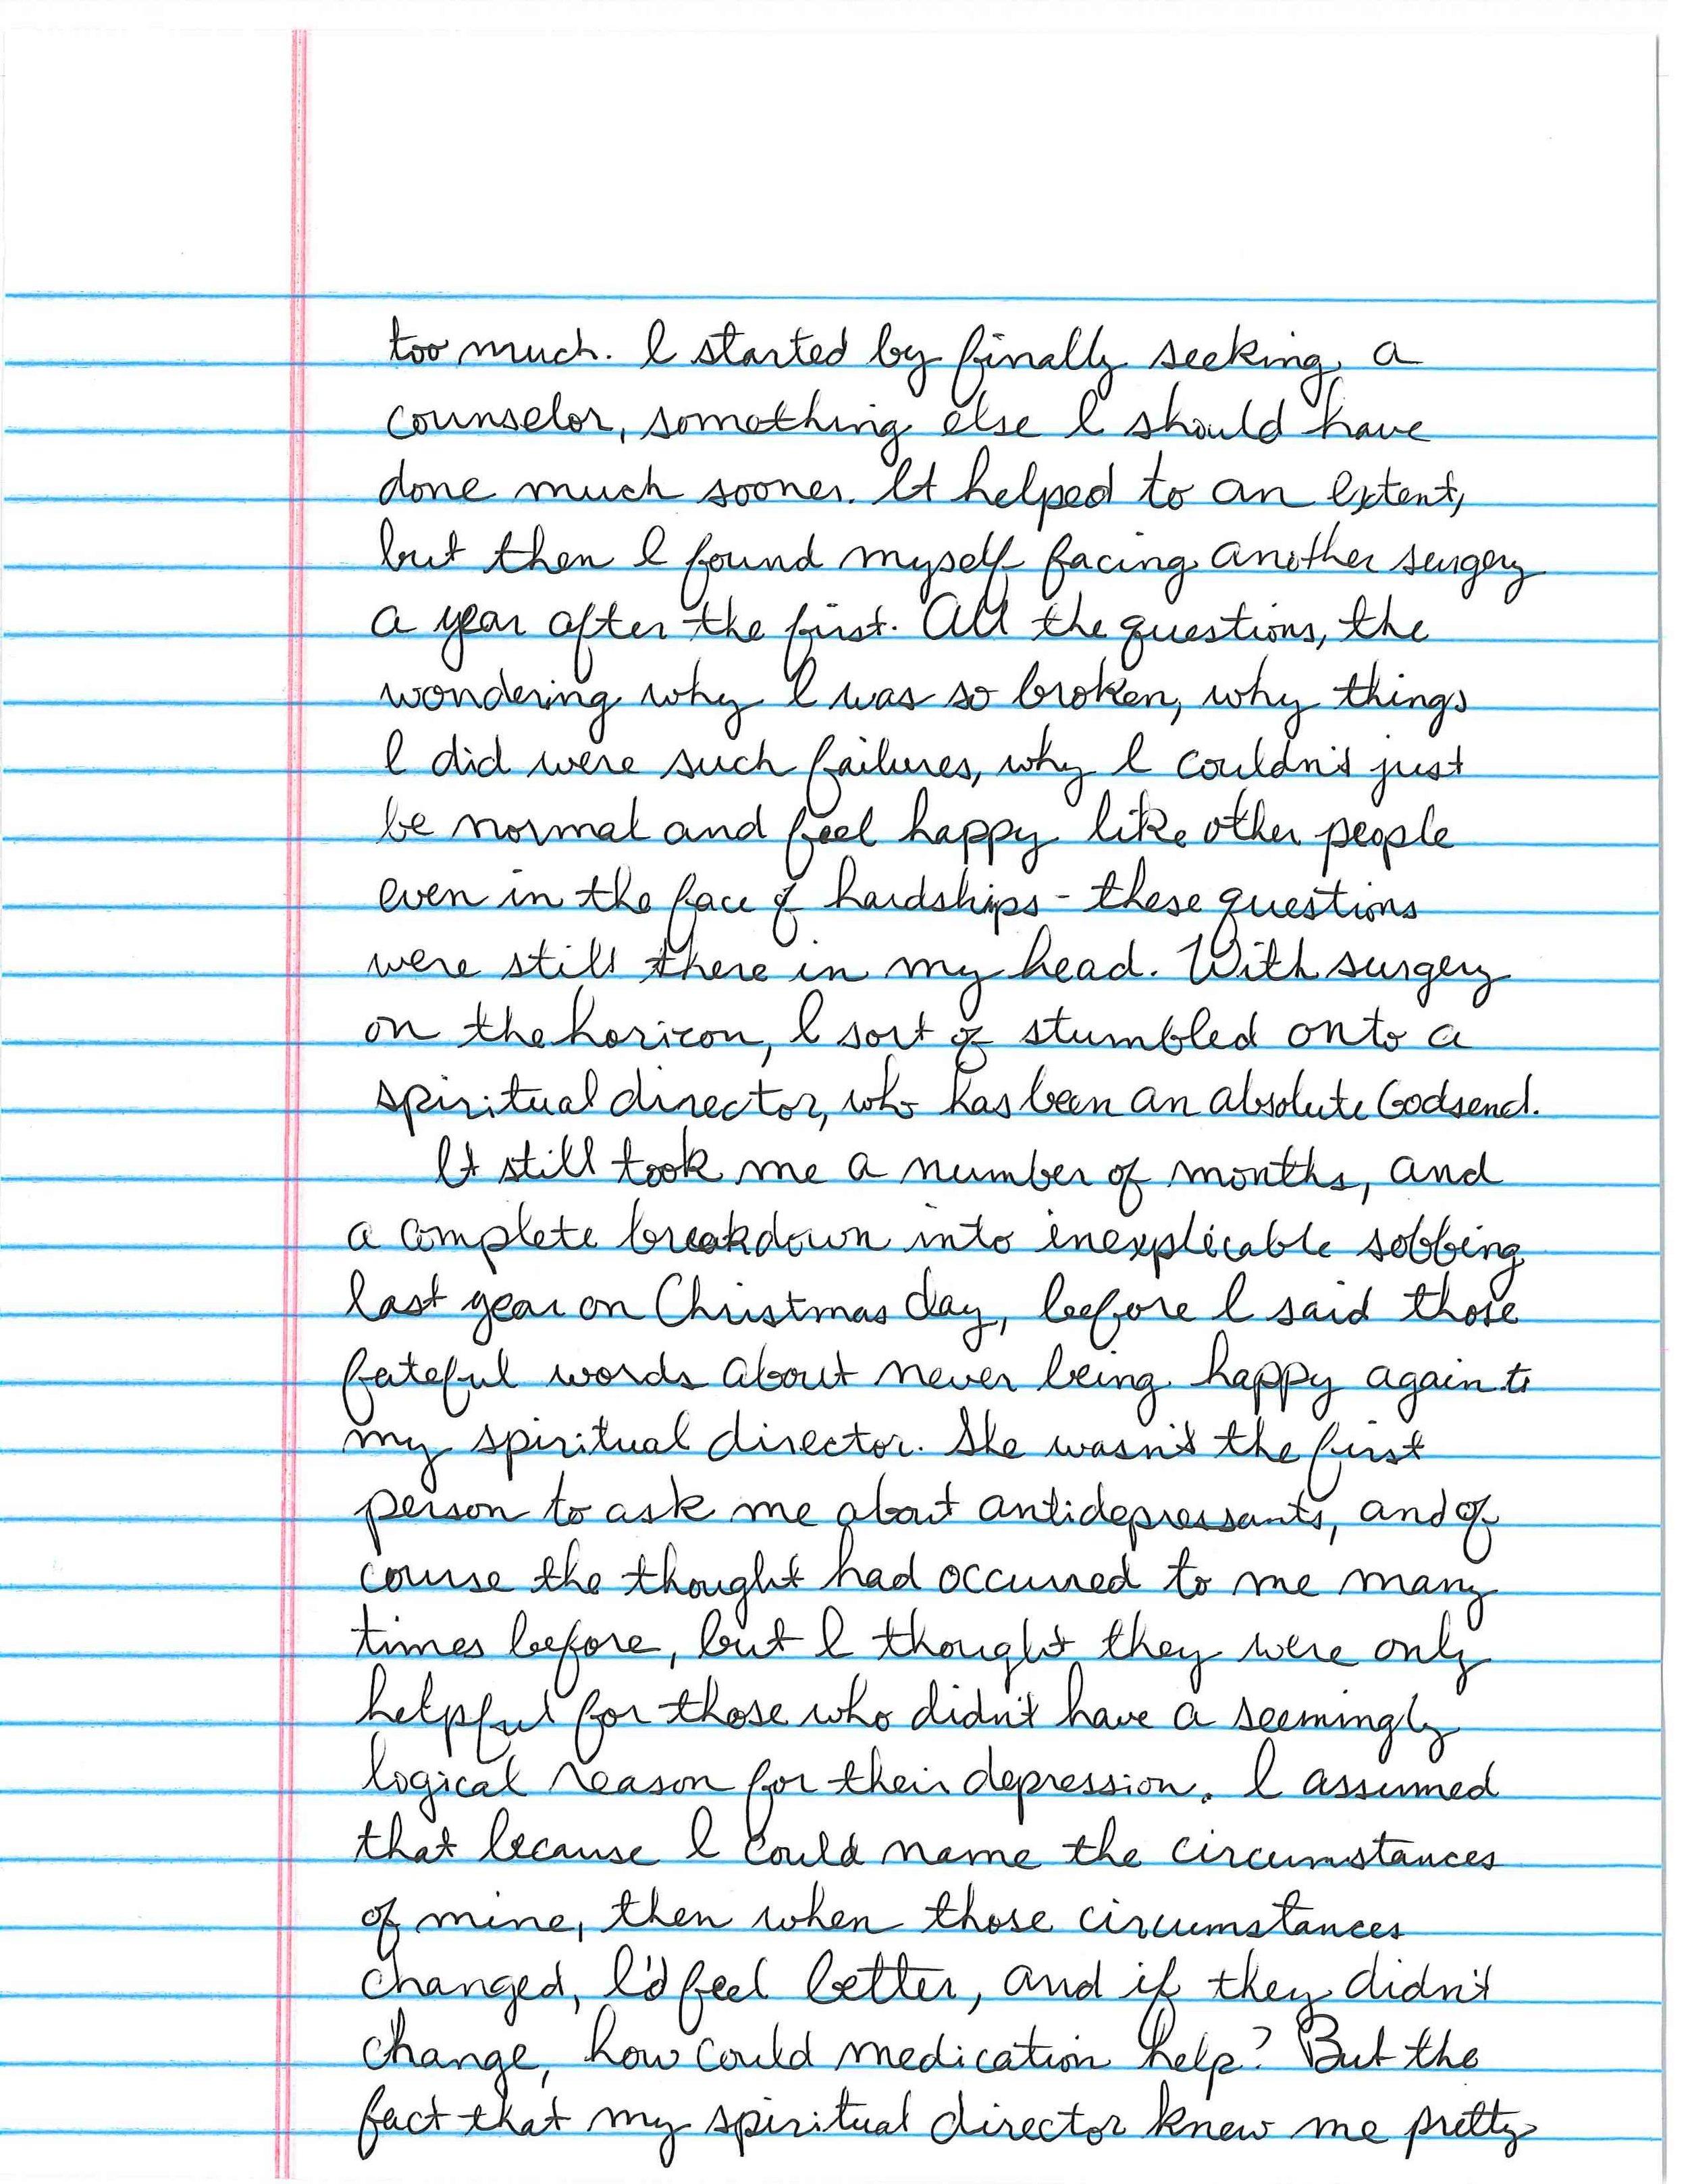 Susie Oppelt Letter pg 3.jpg